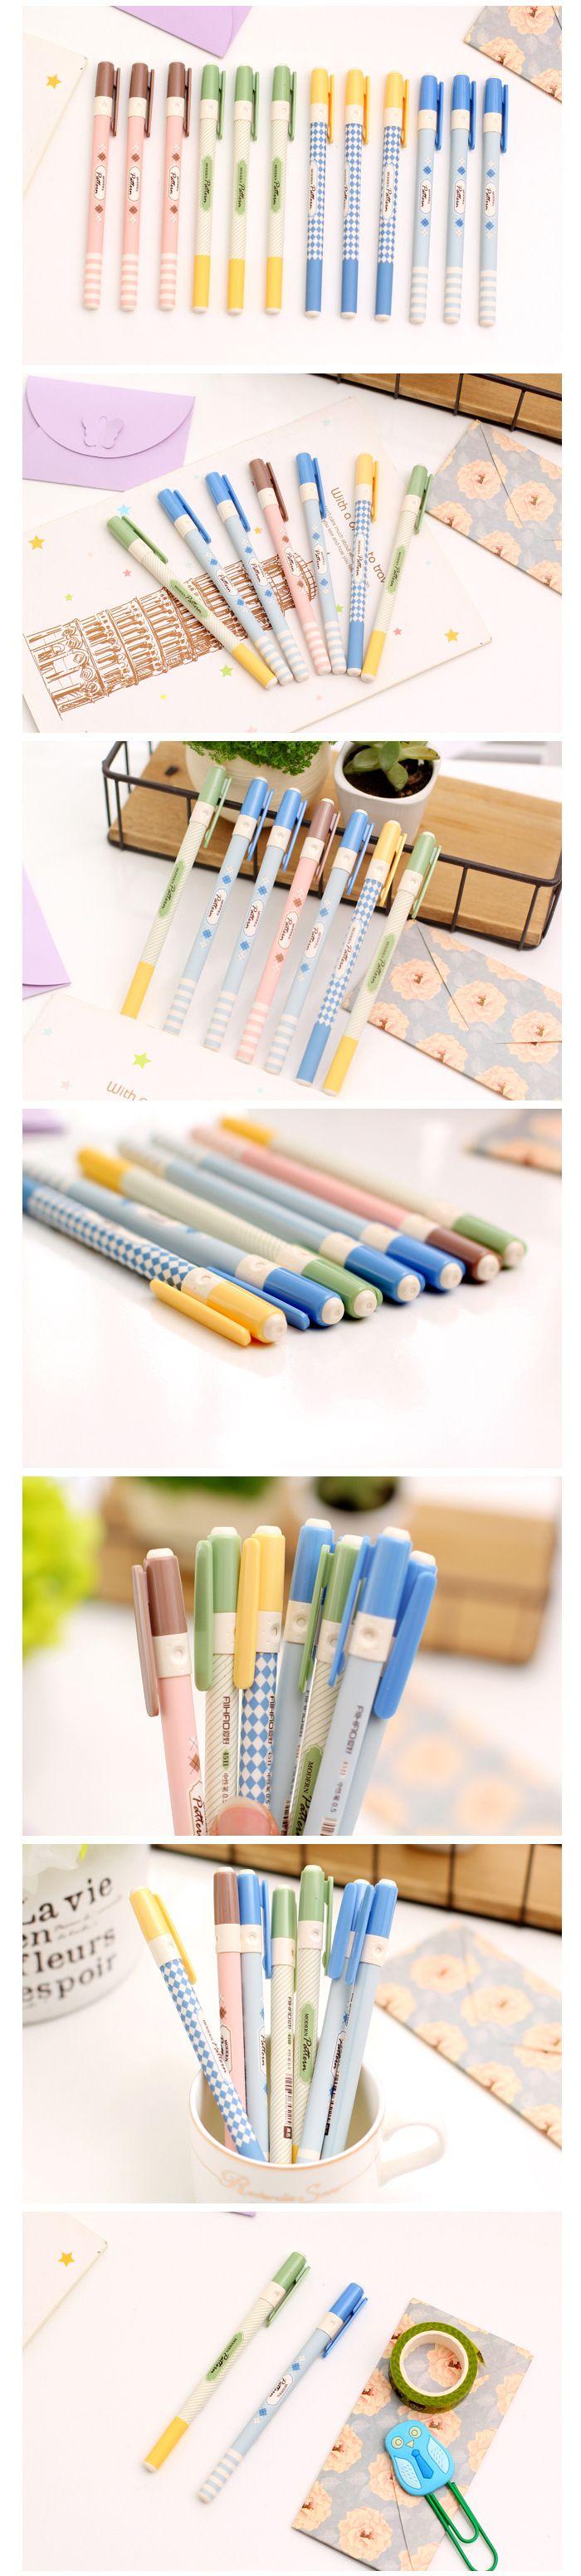 43,64 руб. / шт.  Письменные принадлежности > Гелевые ручки